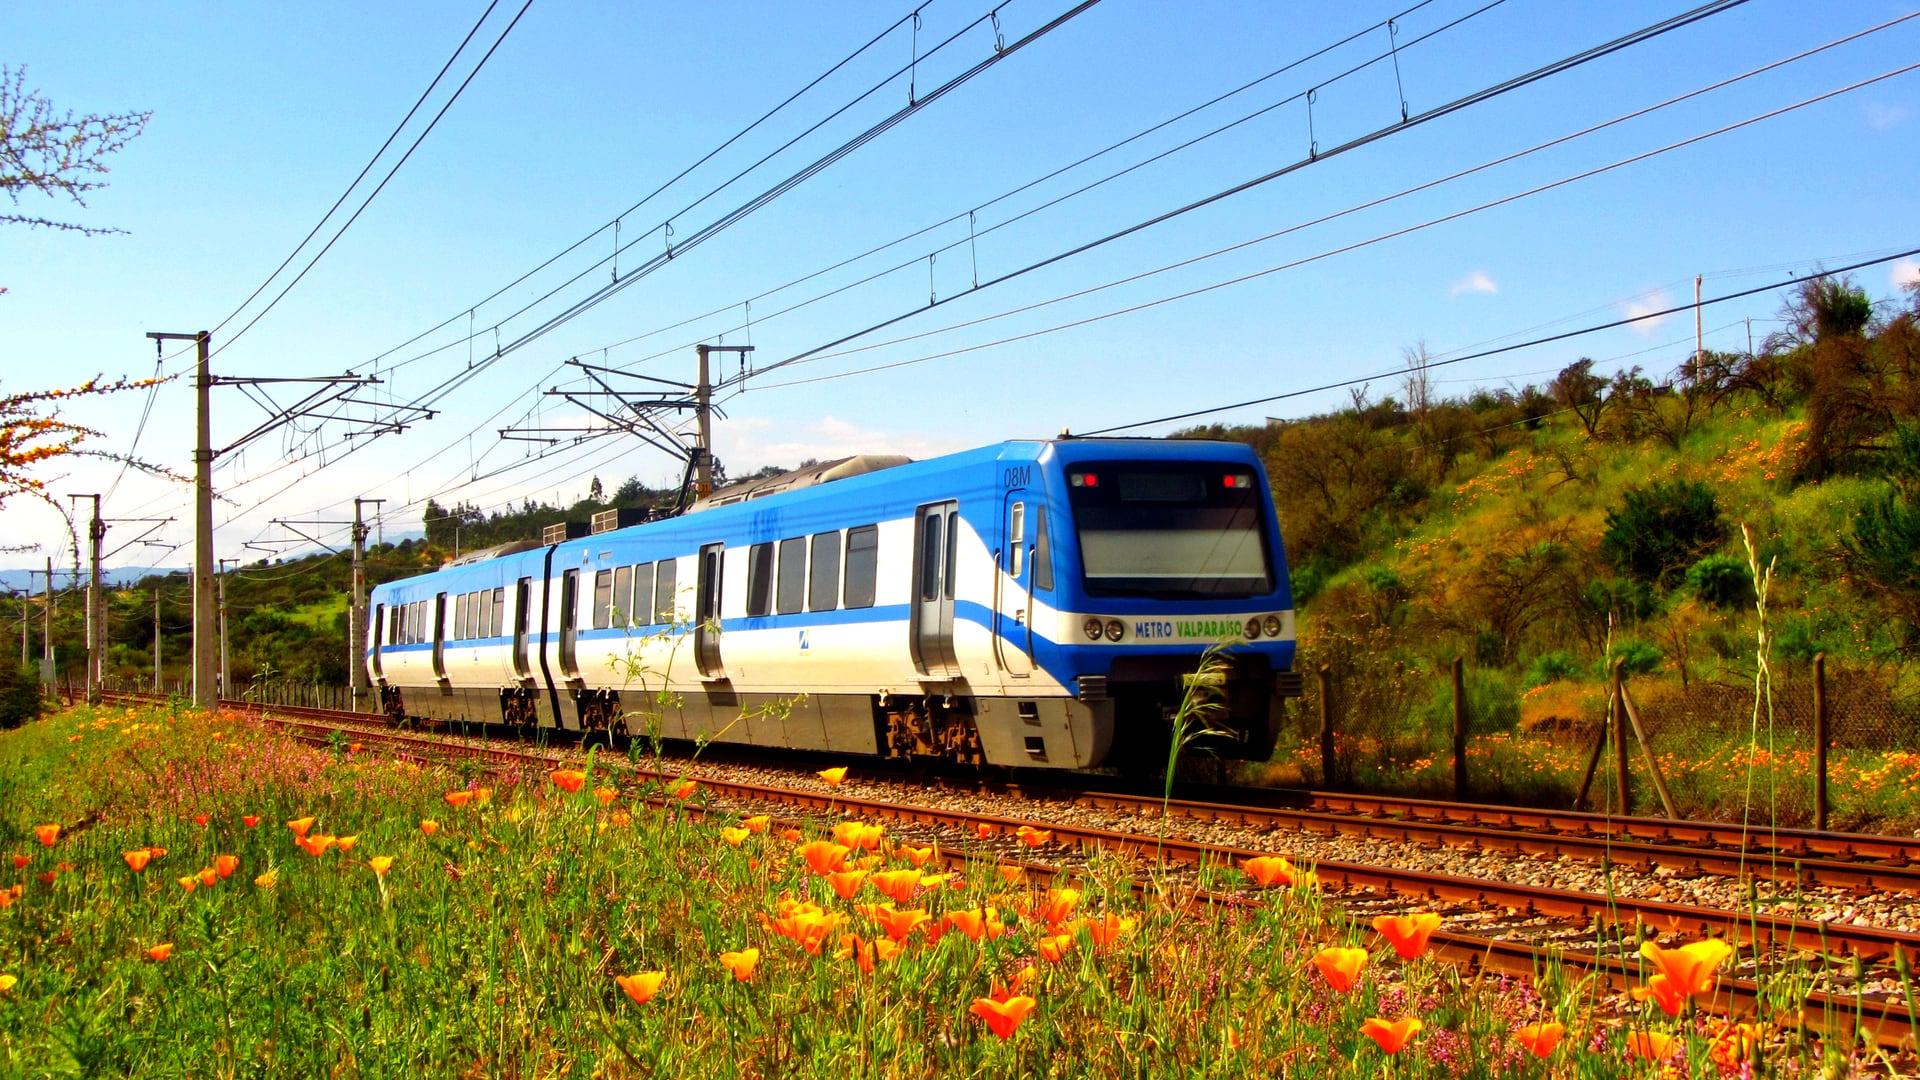 So schön kann Bahn sein (in Argentinien) / (C) flickr - Rafael, de xtrapotrenes